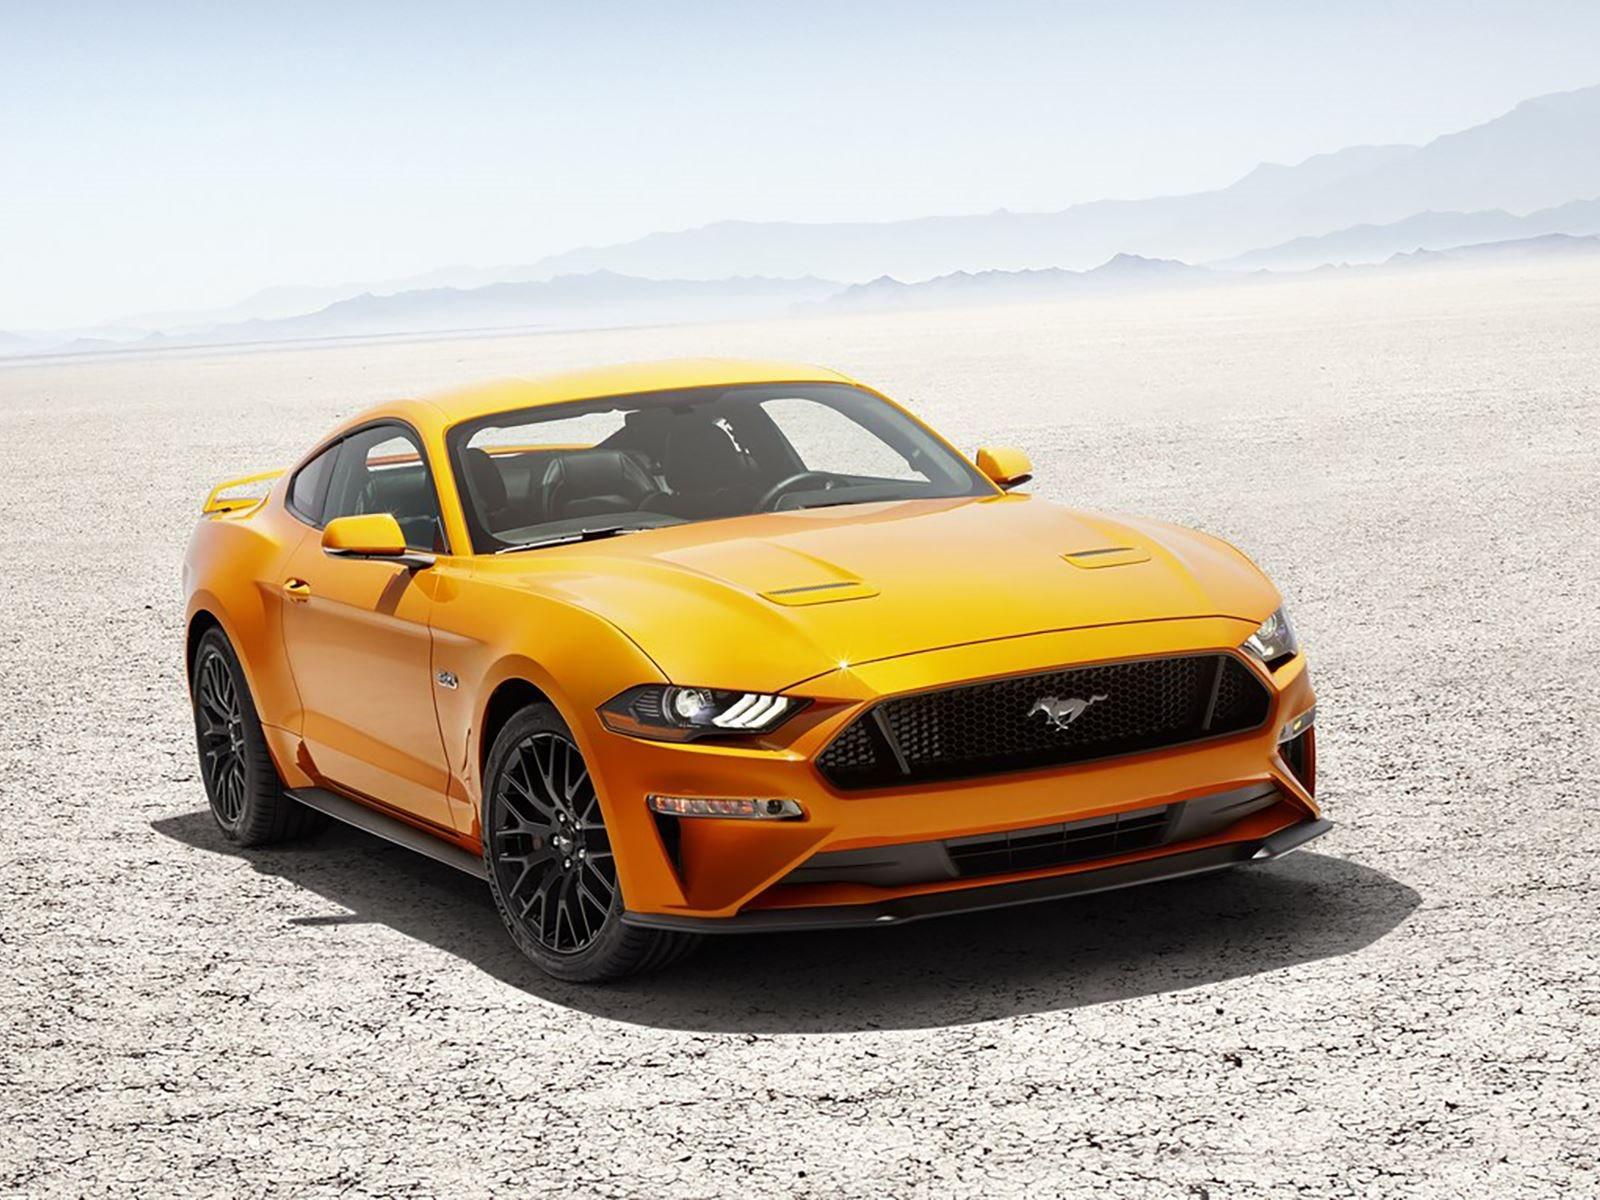 Между тем, гибридная версия нынешнего Mustang появится в 2019 году.